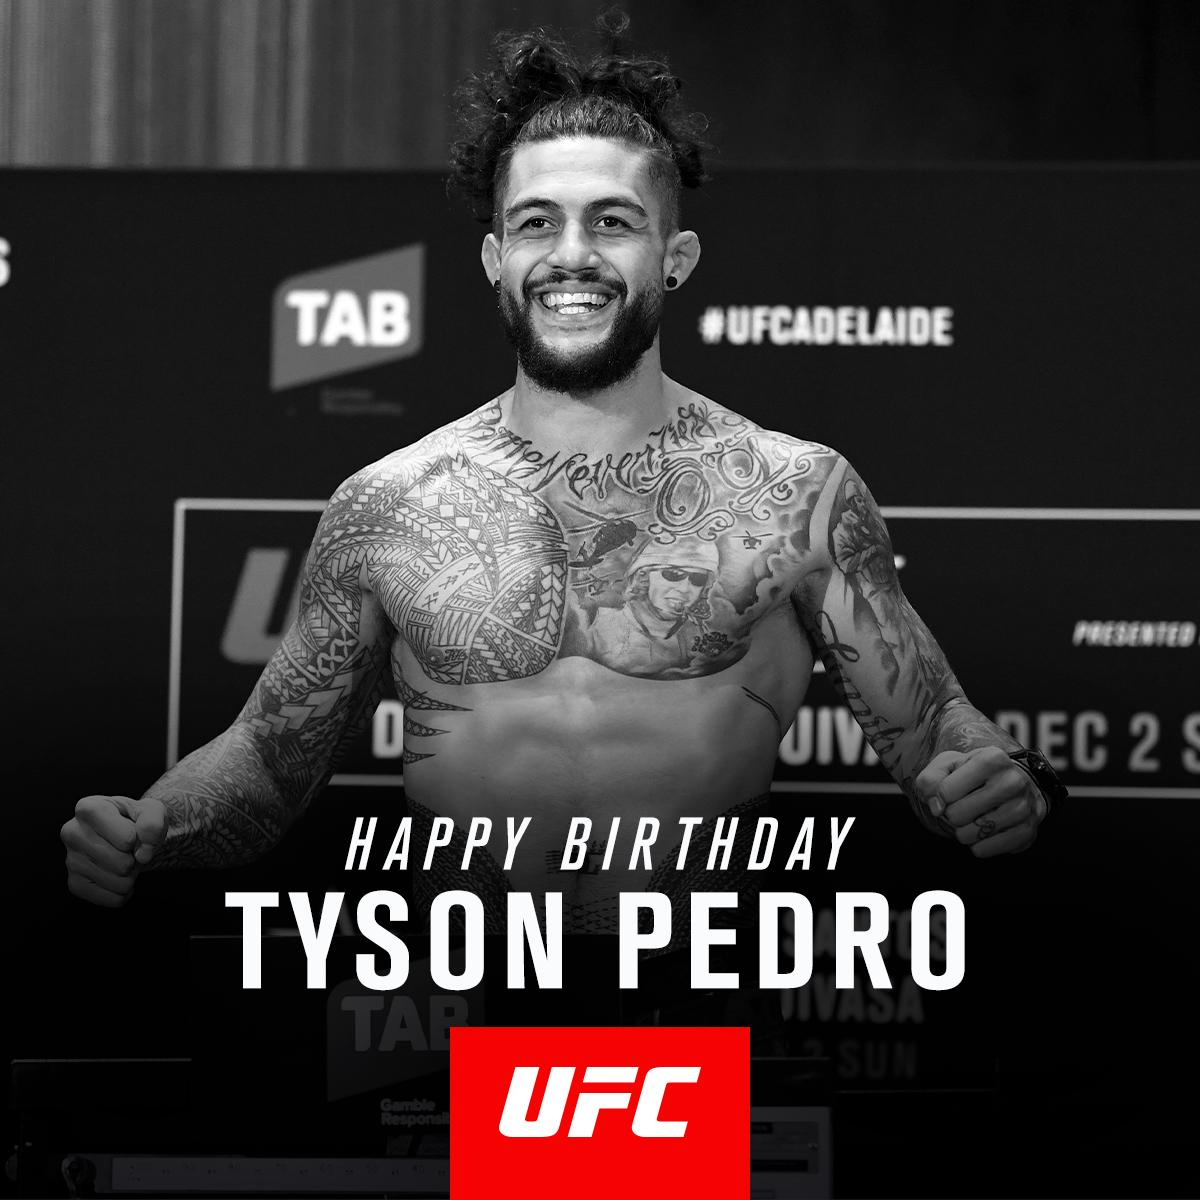 Like to wish @Tyson_Pedro_ a Happy Birthday! 👍